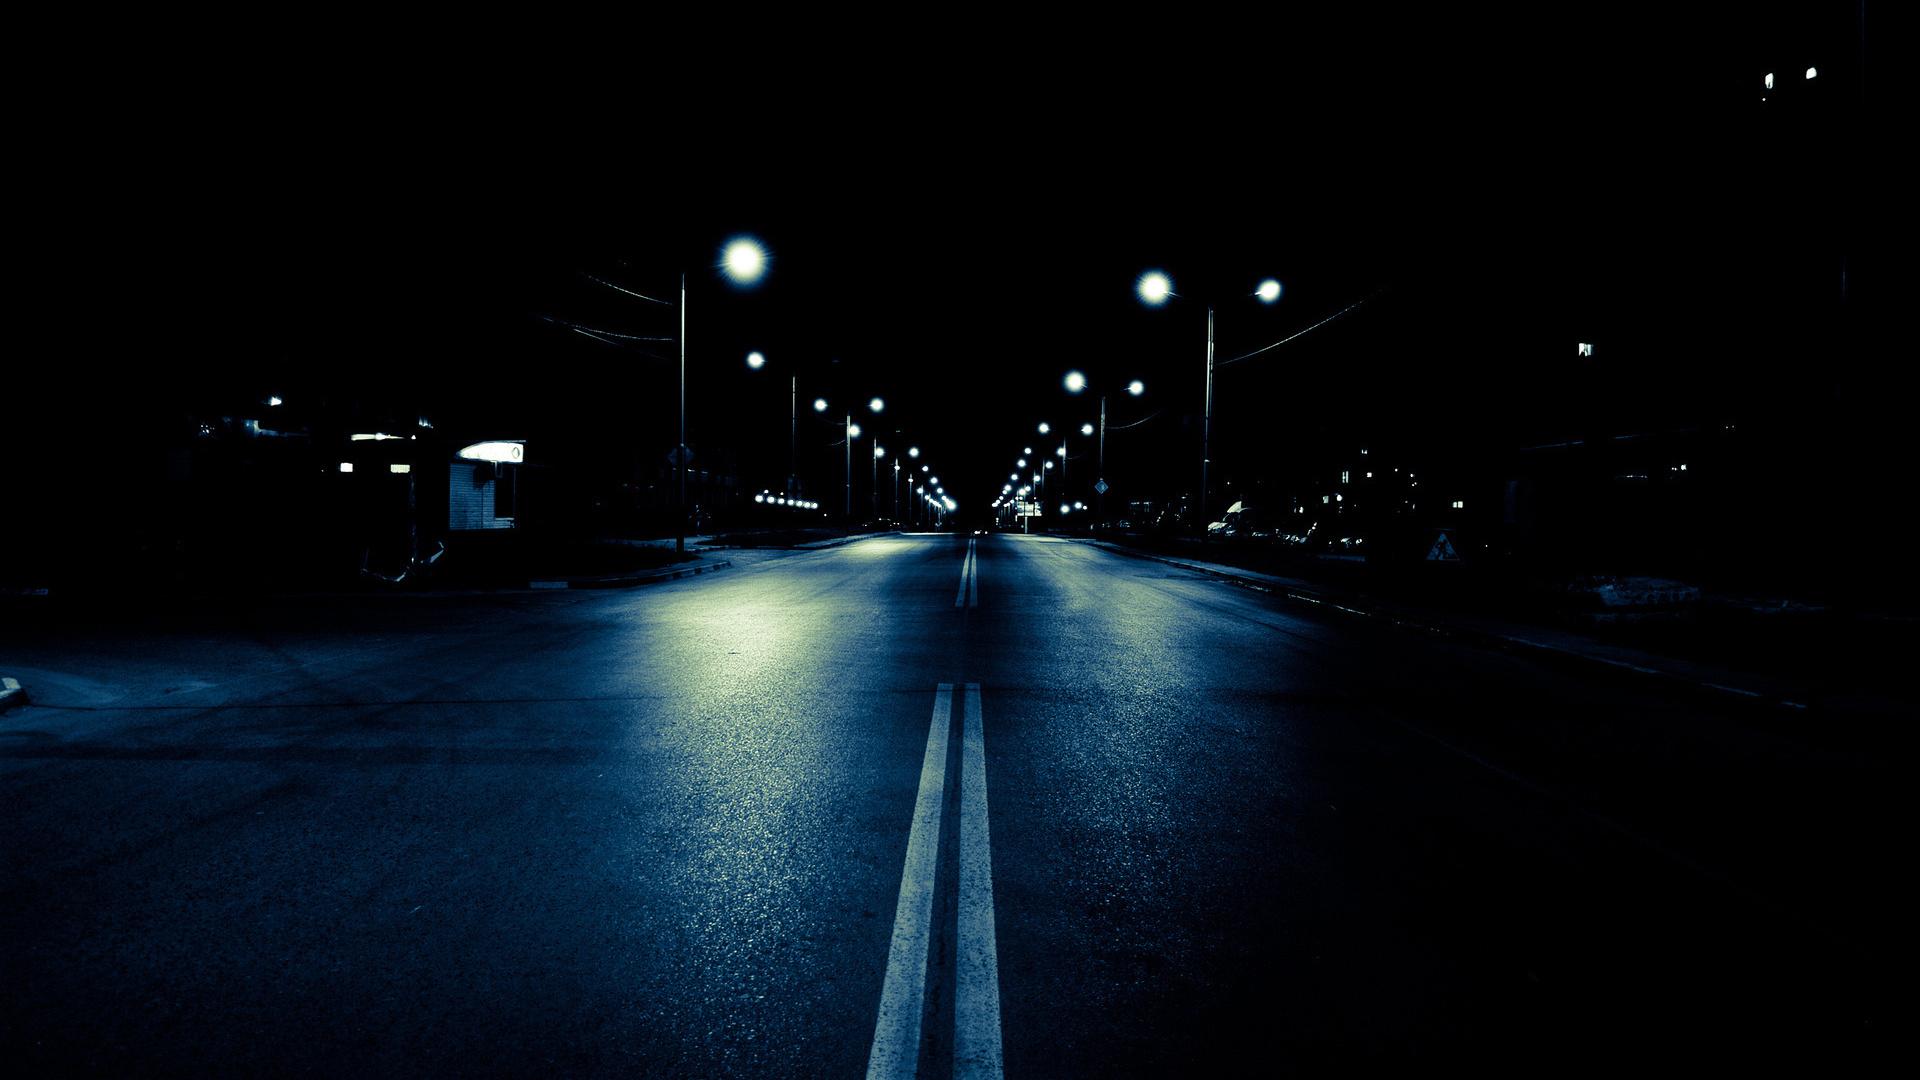 kouzlo noci... ať už někde na samotě v přírodě či v ulicích města.